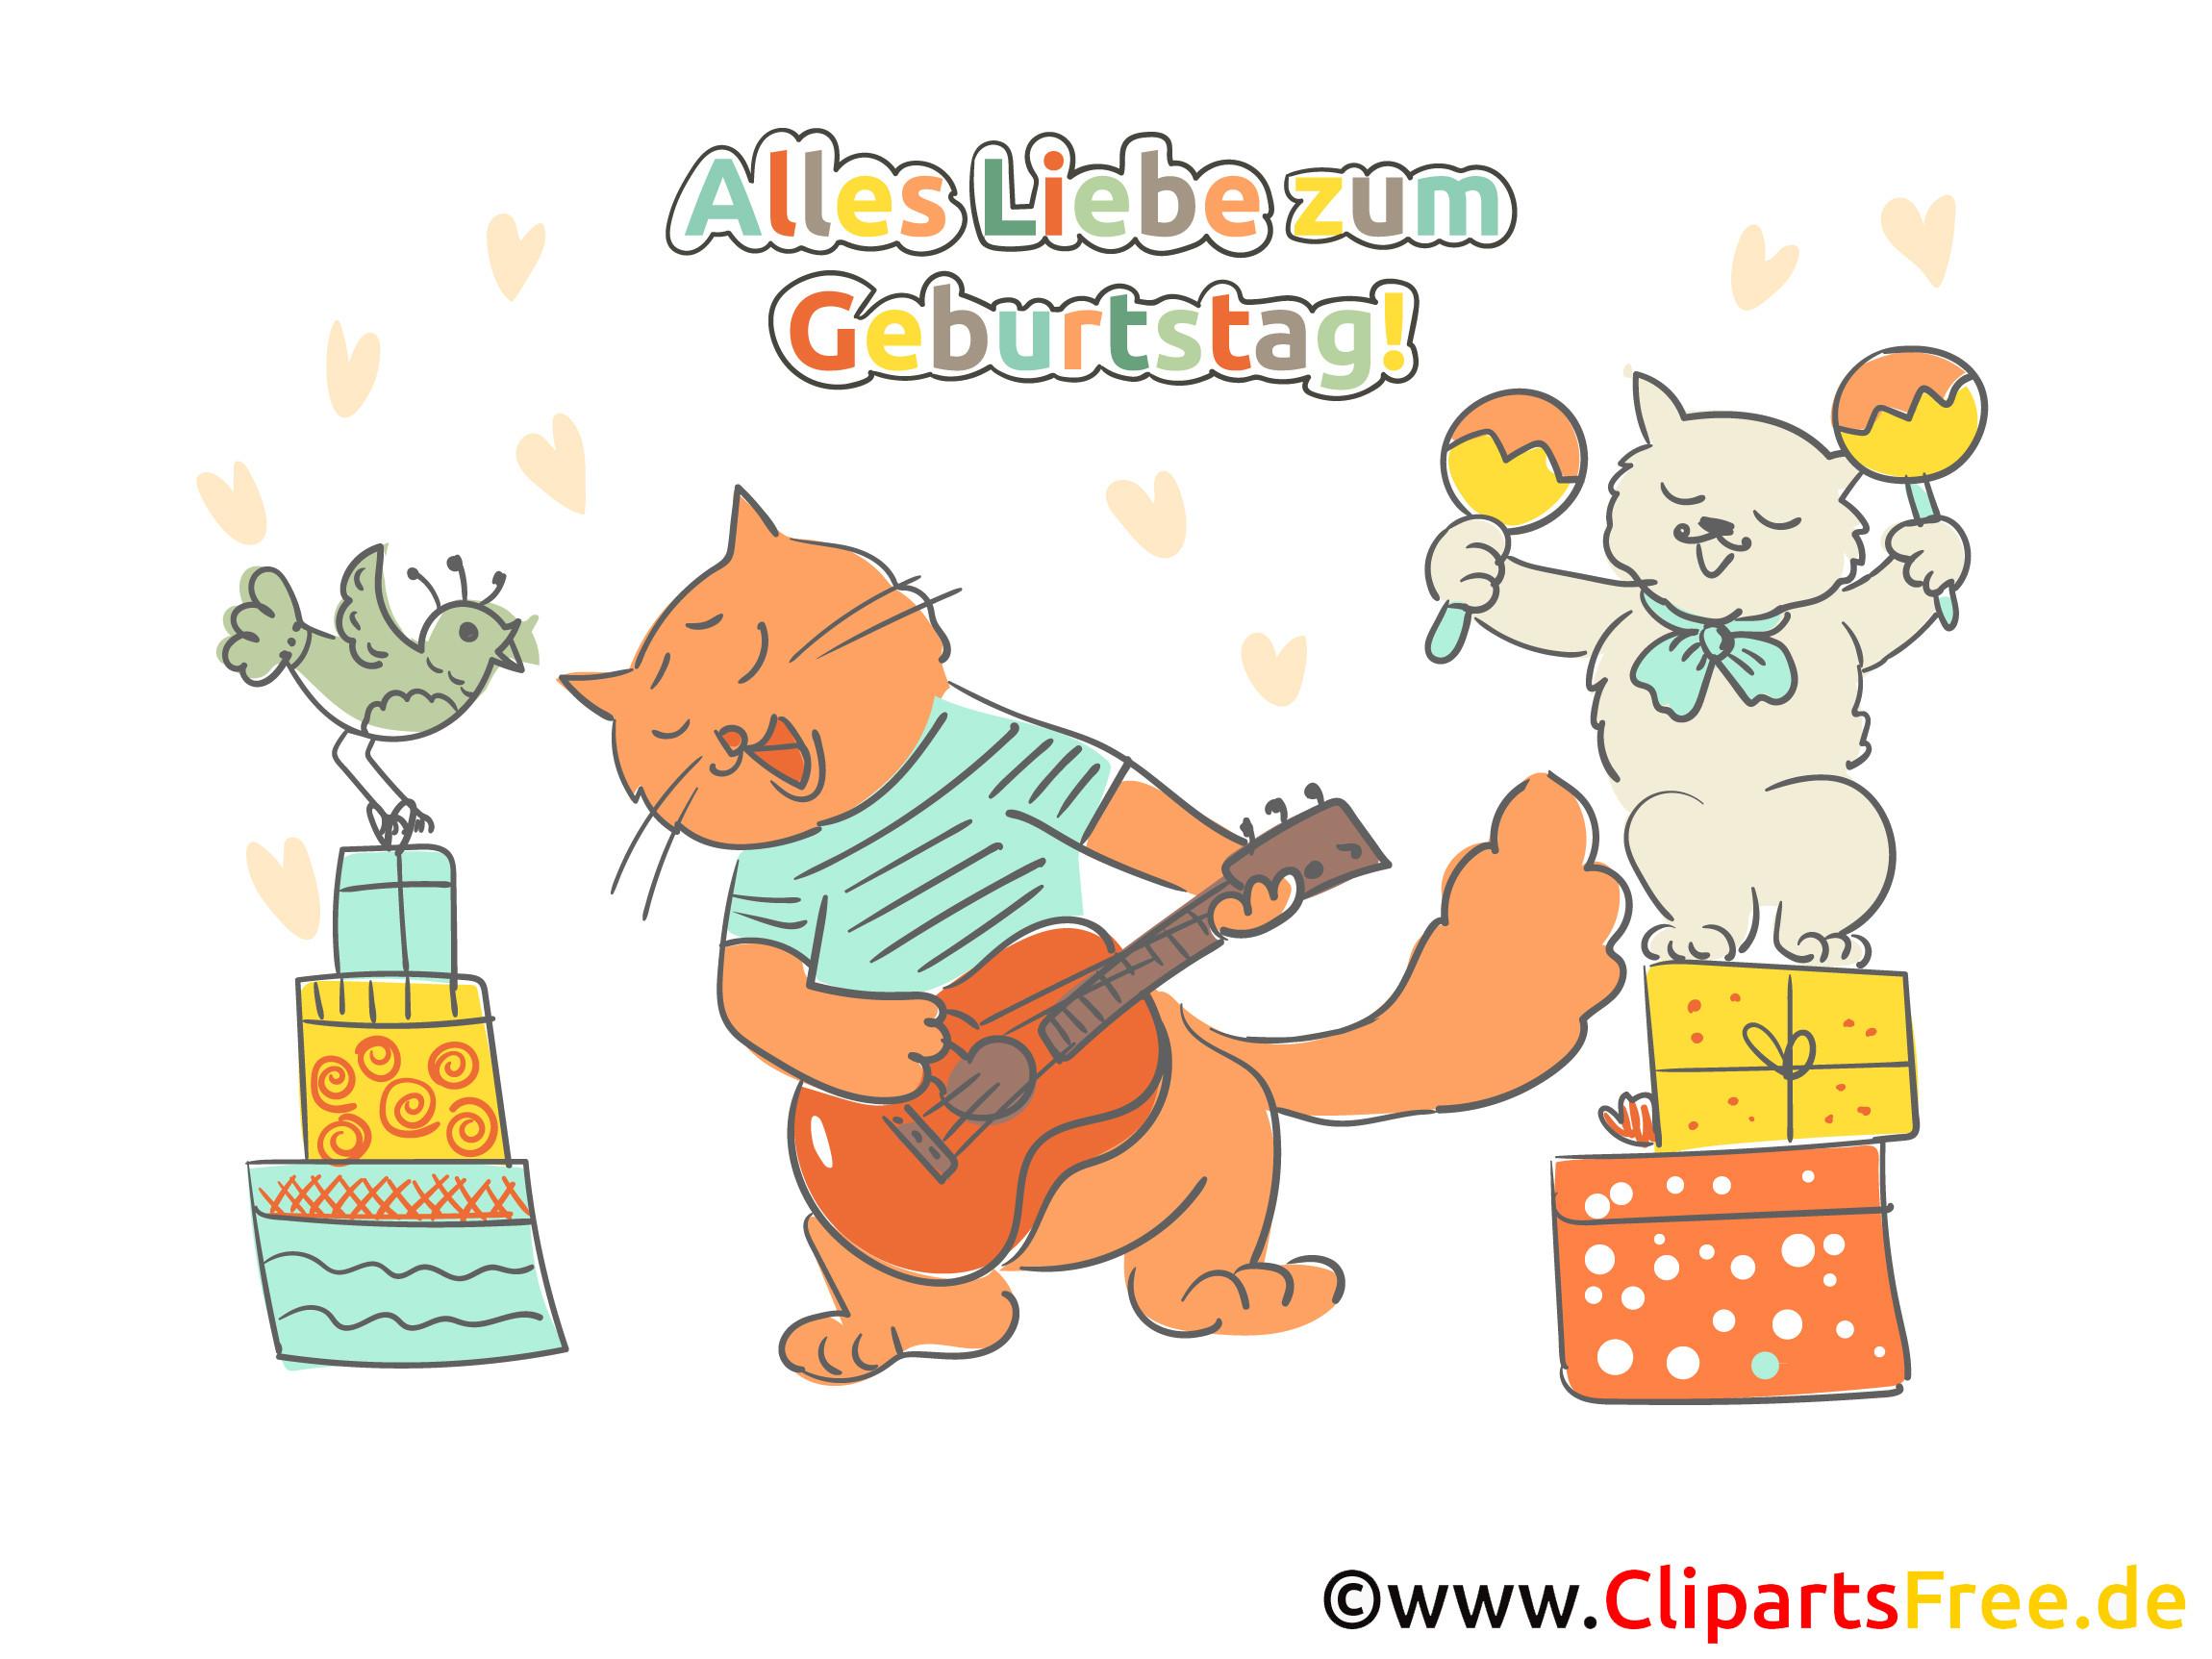 Elektronische Geburtstagskarten  Elektronische Grusskarte zum Geburtstag kostenlos